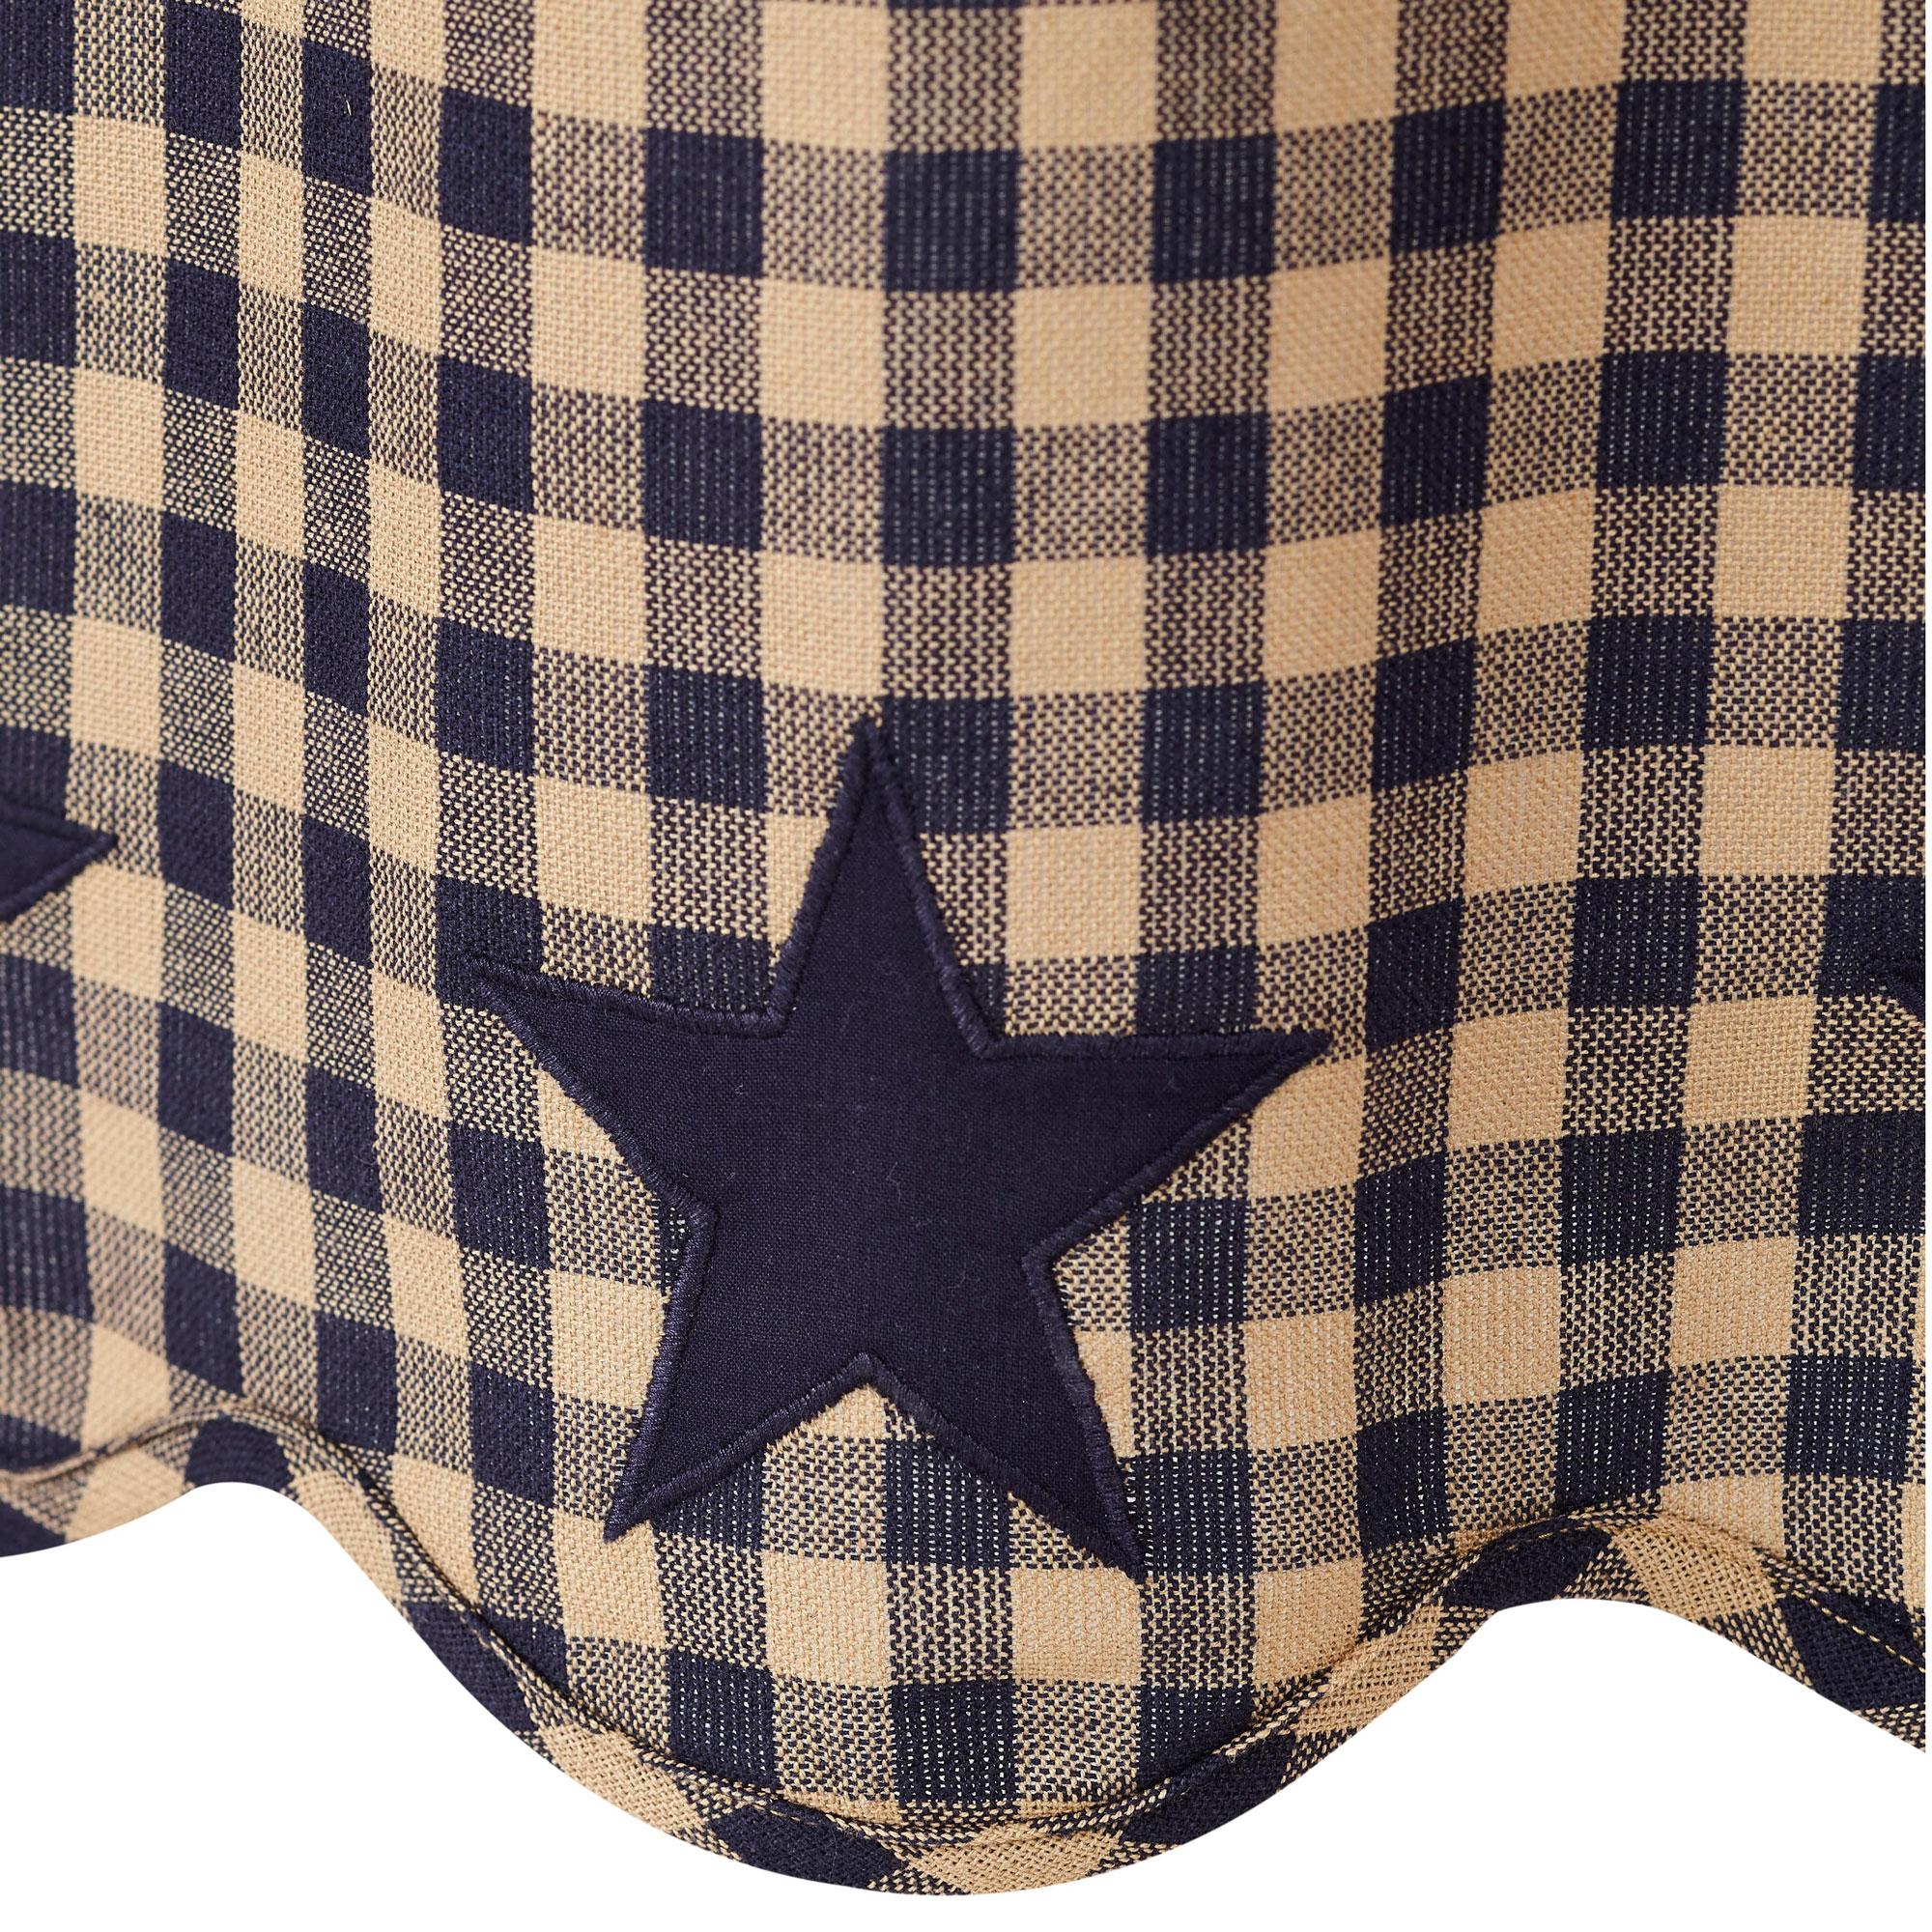 star prairie black personals The black star scalloped prairie swag set offers petite black and tan  our burlap stencil star prairie curtains come as a pair each curtain.